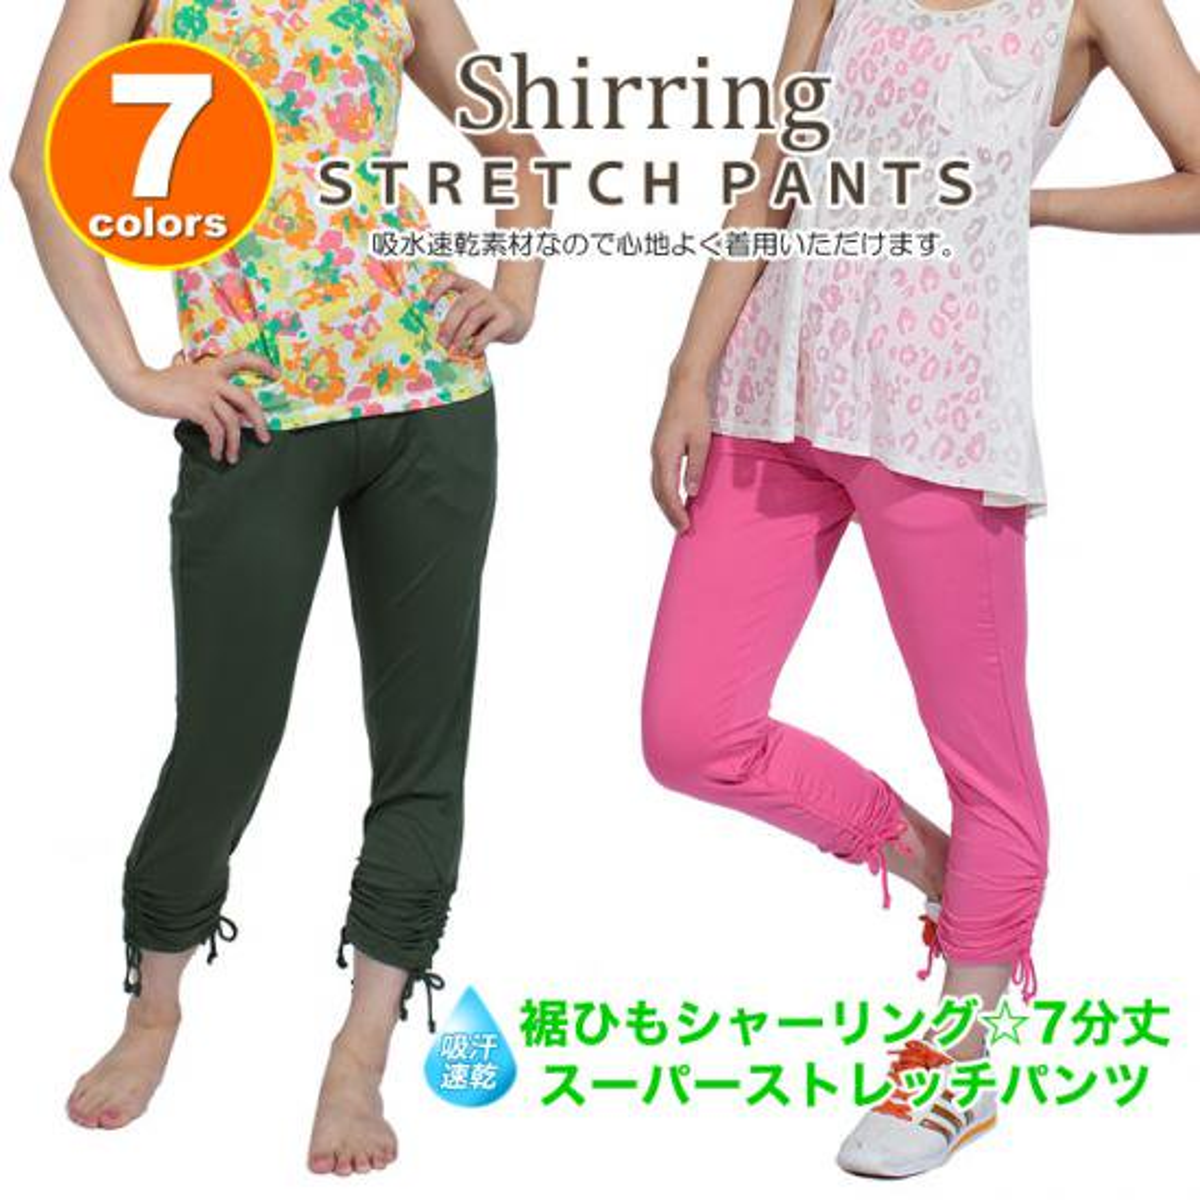 ヨガウェア ヨガパンツ 裾ひも調整可能な7分丈裾ヒモ美脚シャーリングパンツ 全8色 2サイズ ヨガボトム